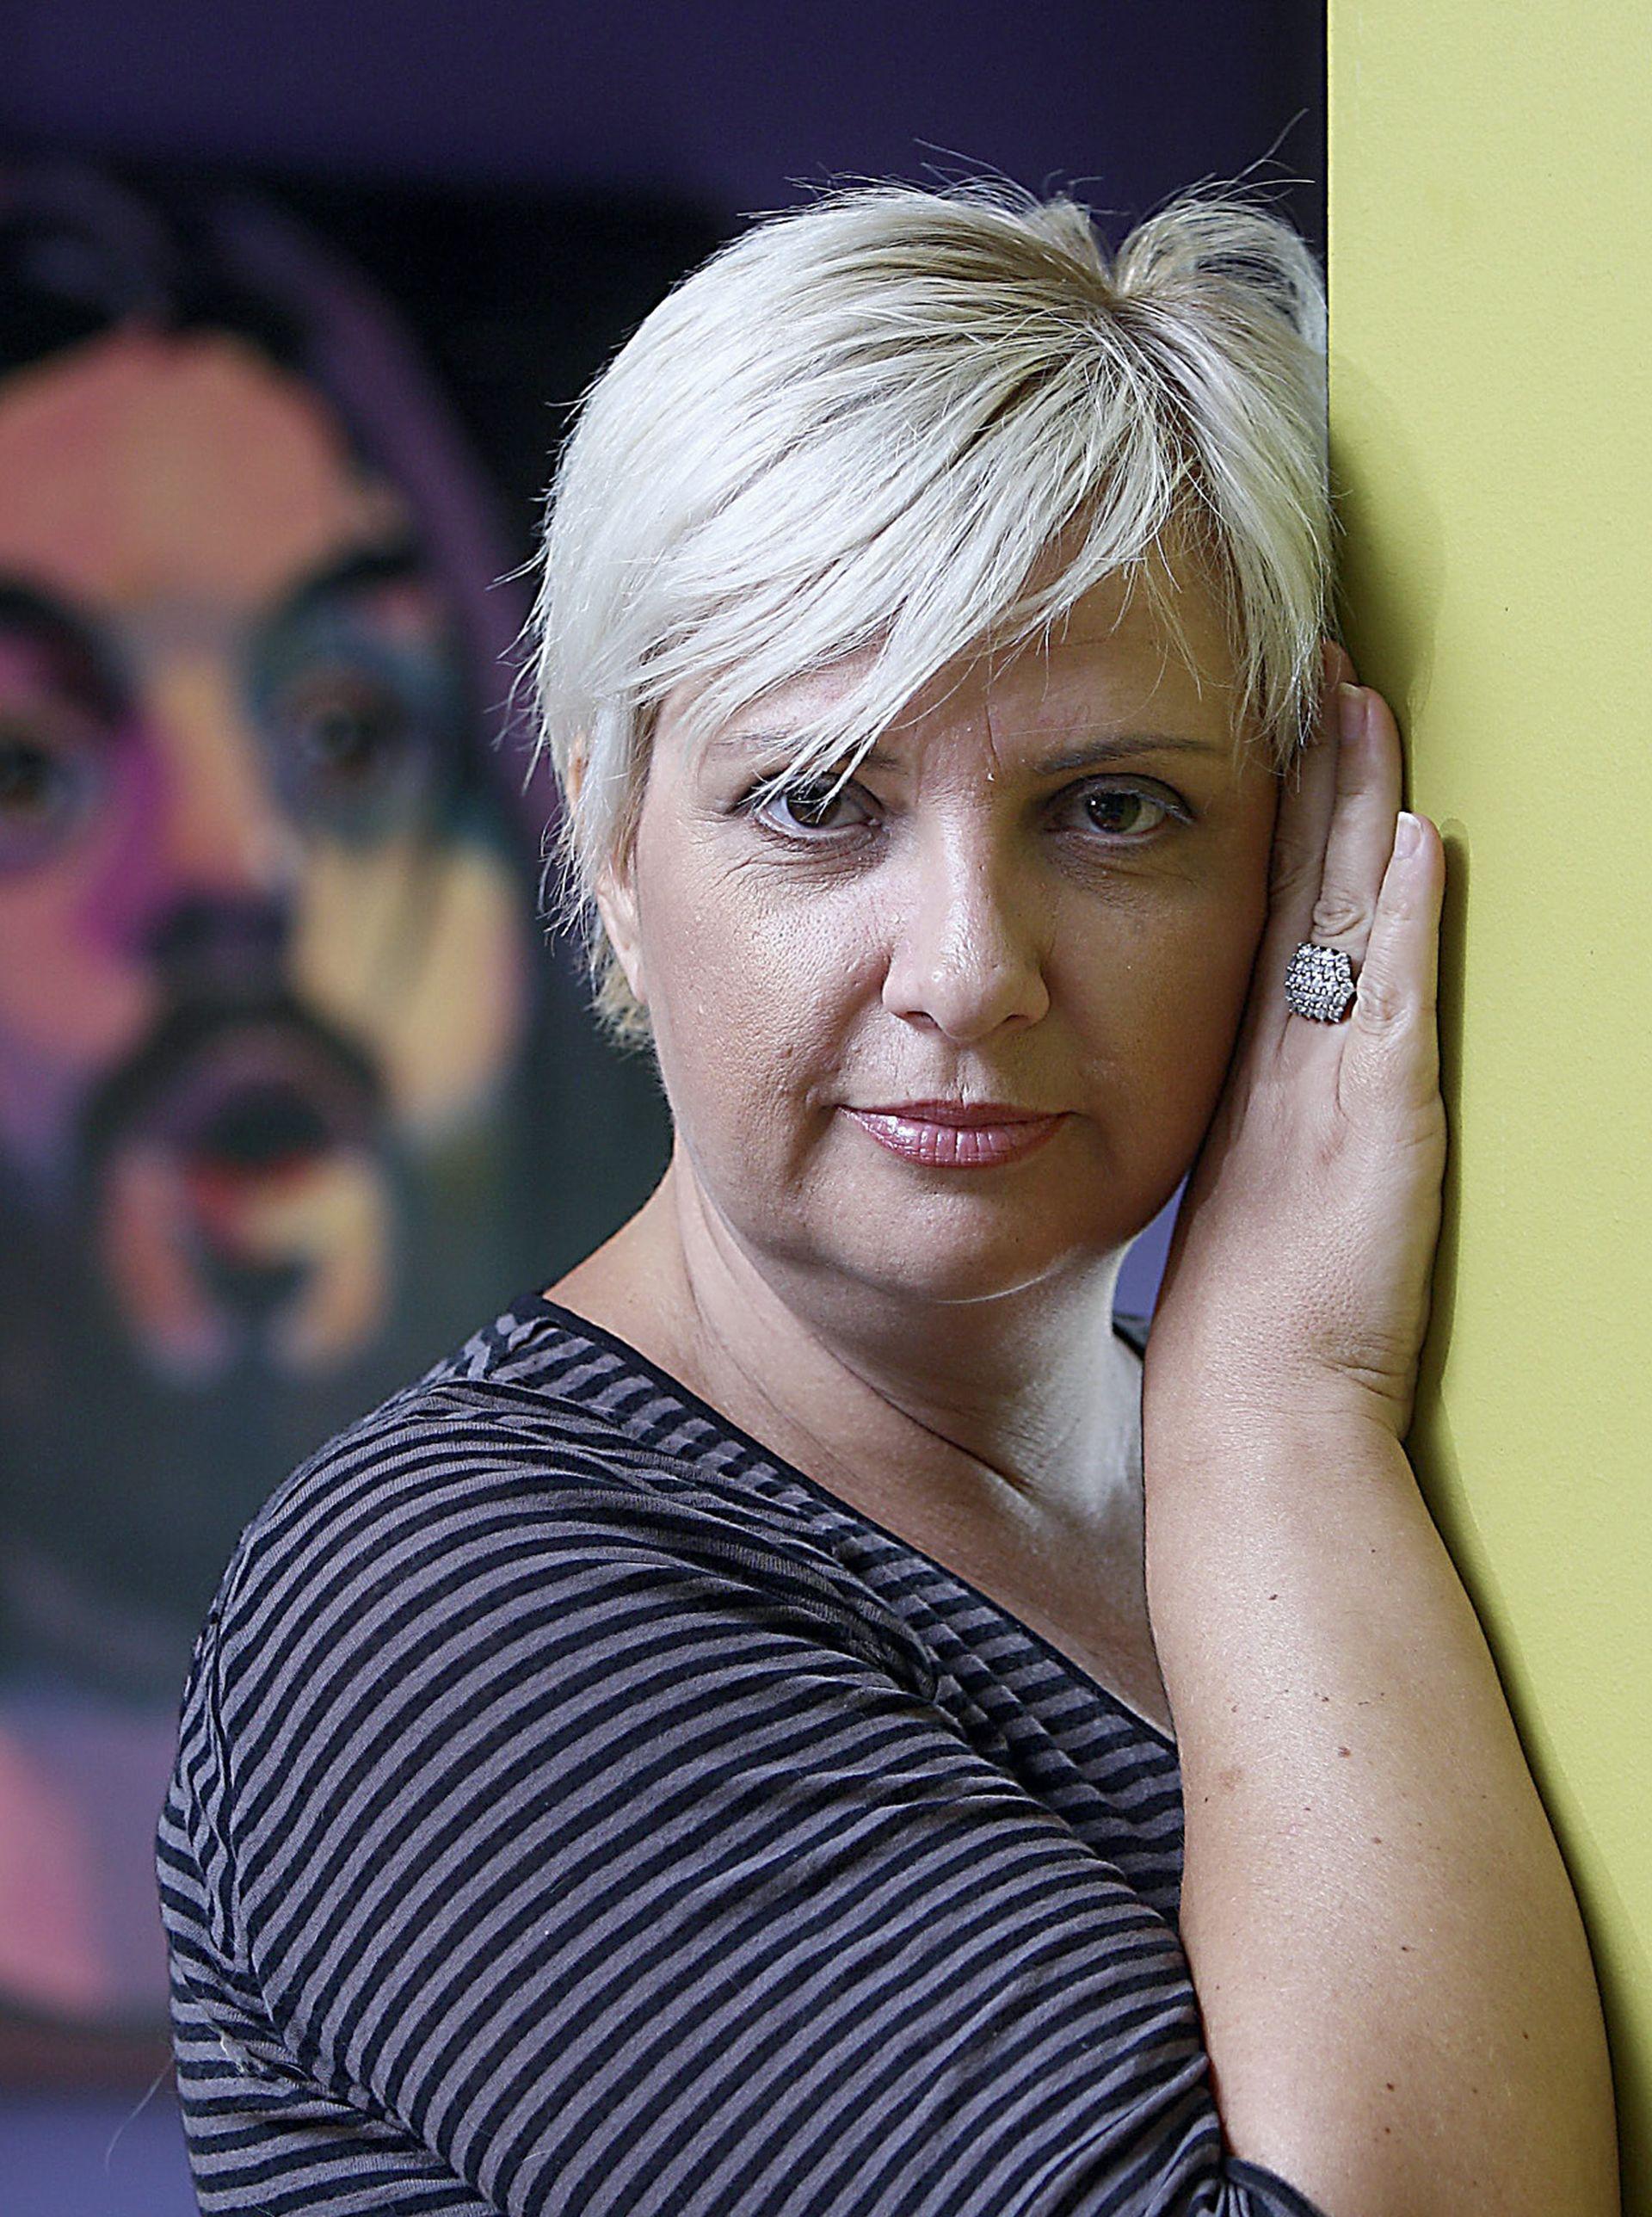 Danijela Dvornikzabranilaemitiranje filma o 'kralju funka'